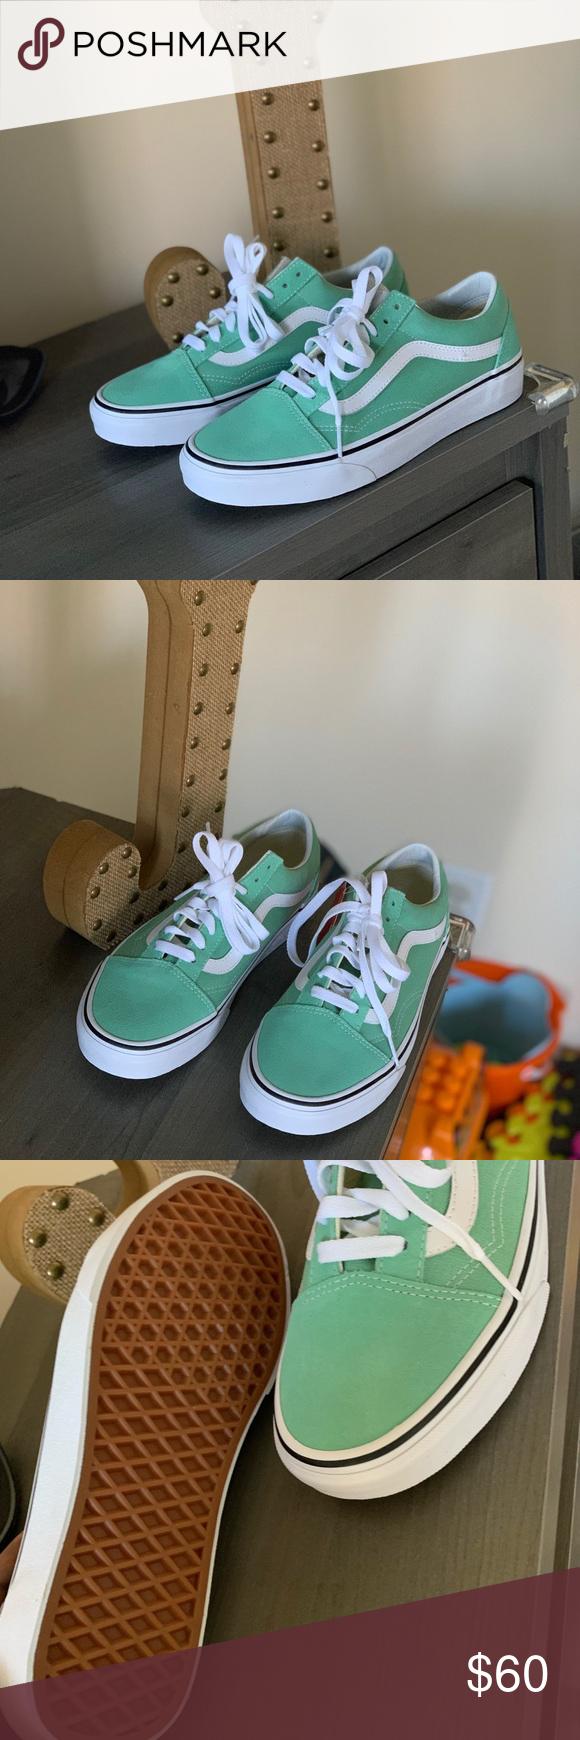 neptune green old skool vans